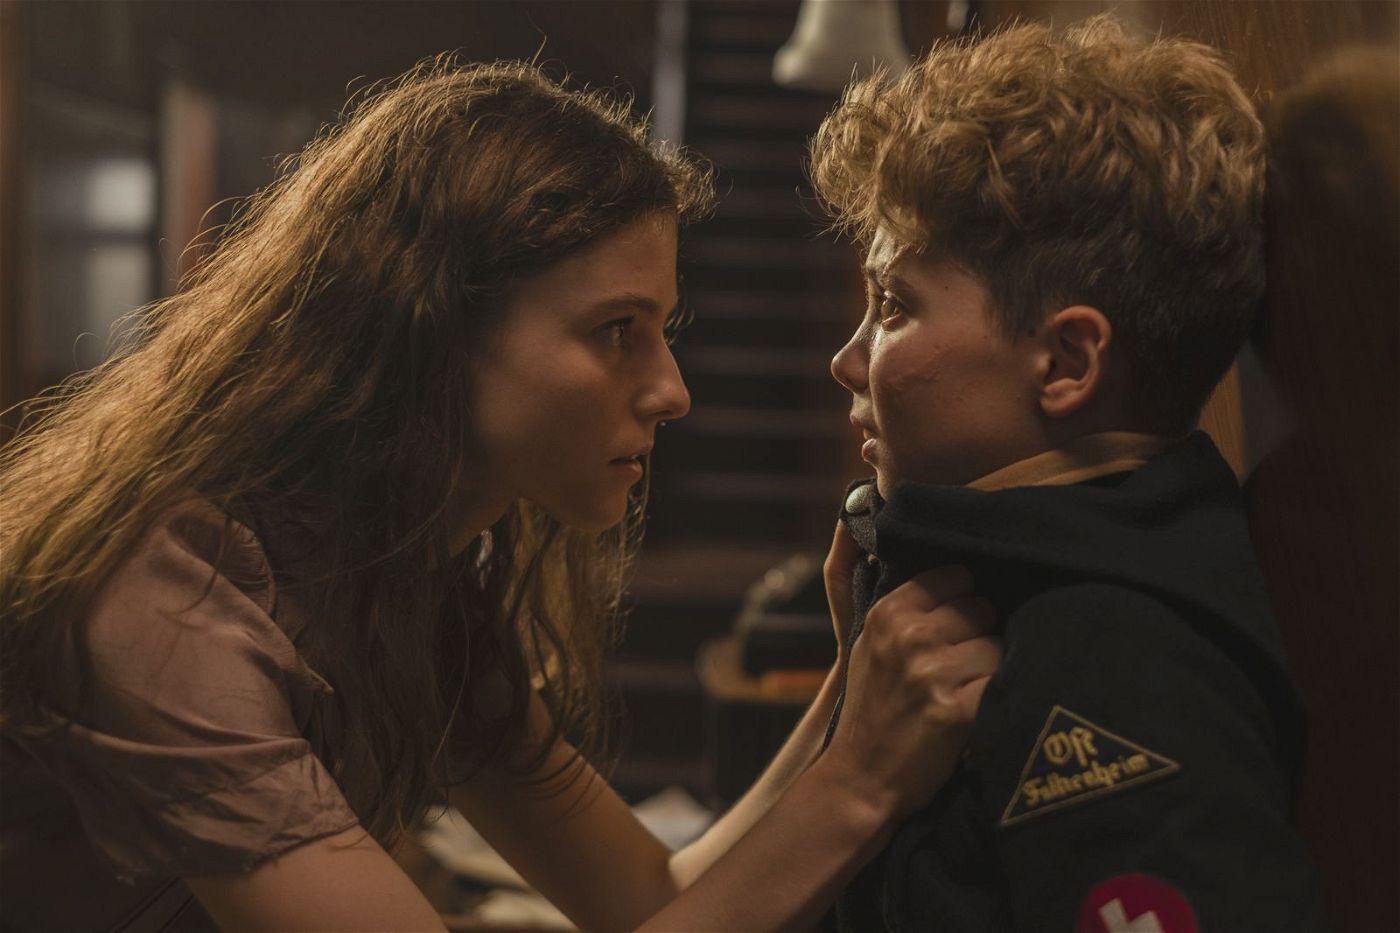 Die jungen Jüdin Elsa (Thomasin McKenzie) beschwört Jojo (Roman Griffin Davis), sie nicht zu verraten.